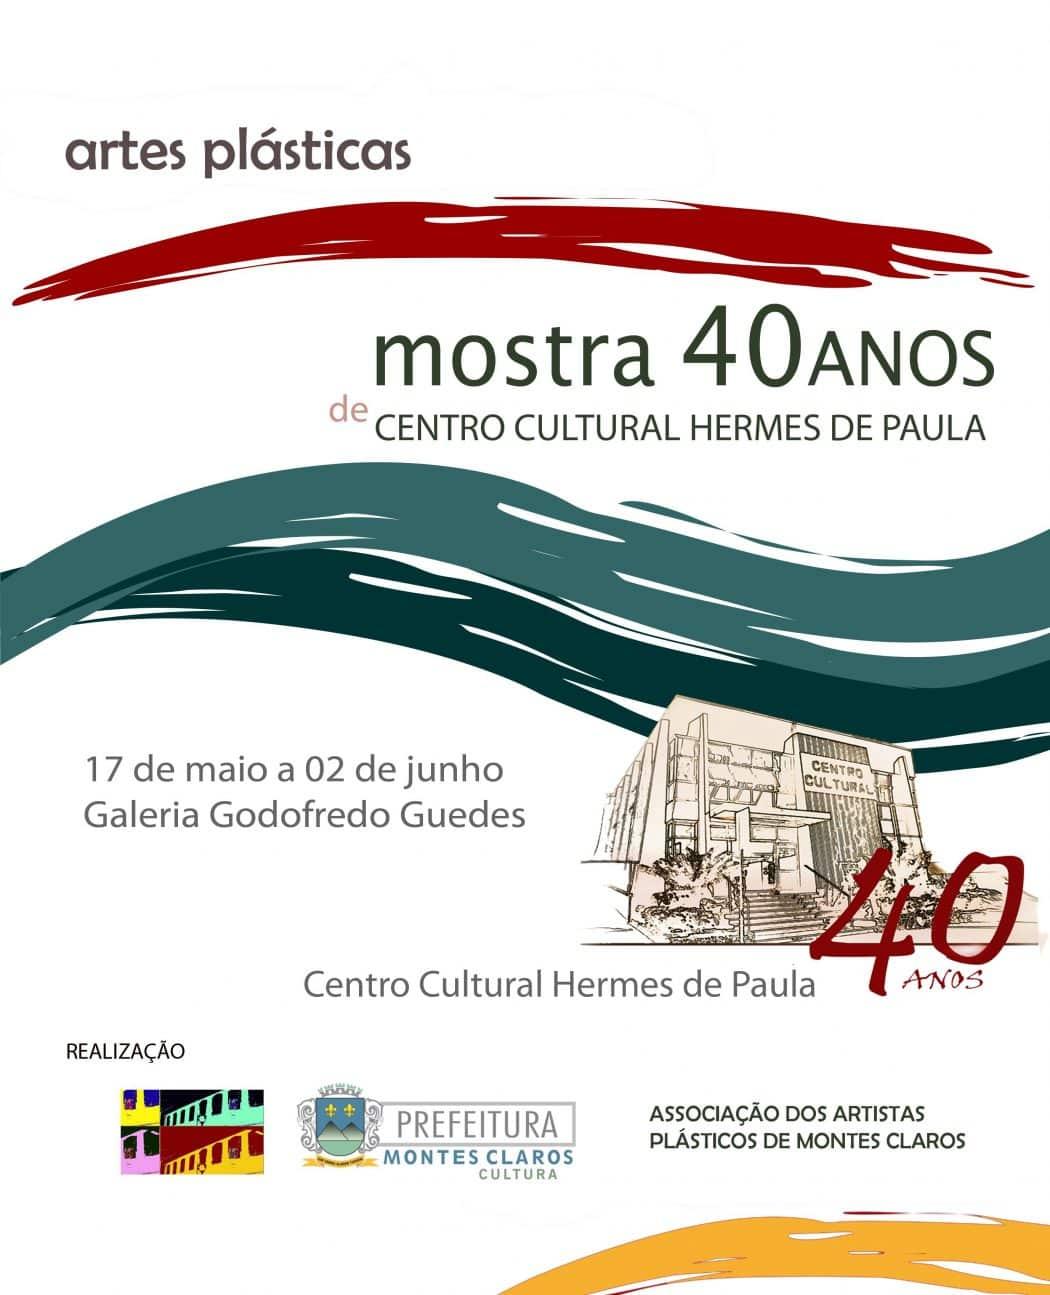 Montes Claros - Comemorações pelos 40 anos do Centro Cultural começam nesta sexta-feira